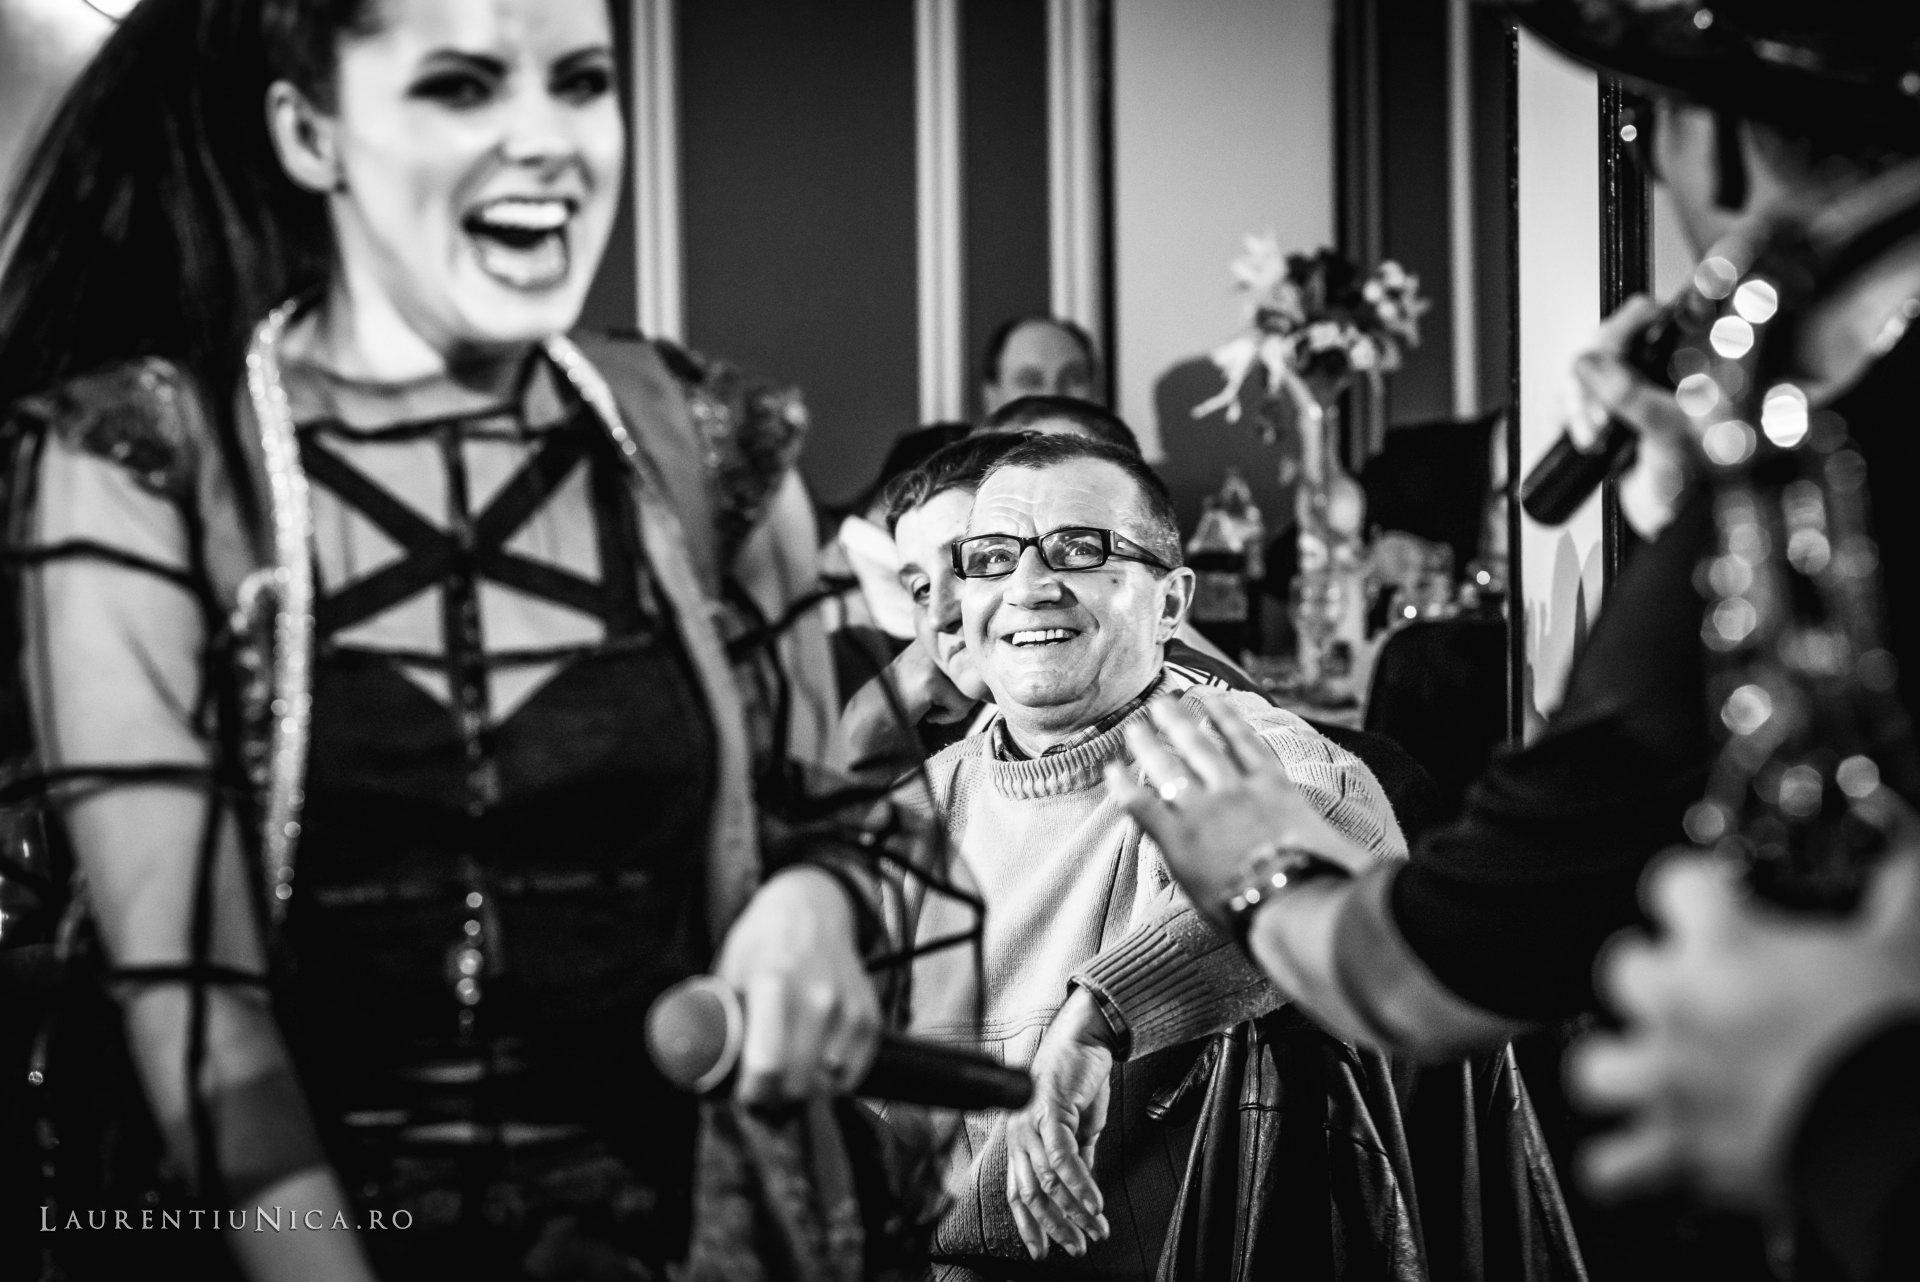 daniela si marius fotografii nunta craiova laurentiu nica60 - Daniela & Marius | Fotografii nunta